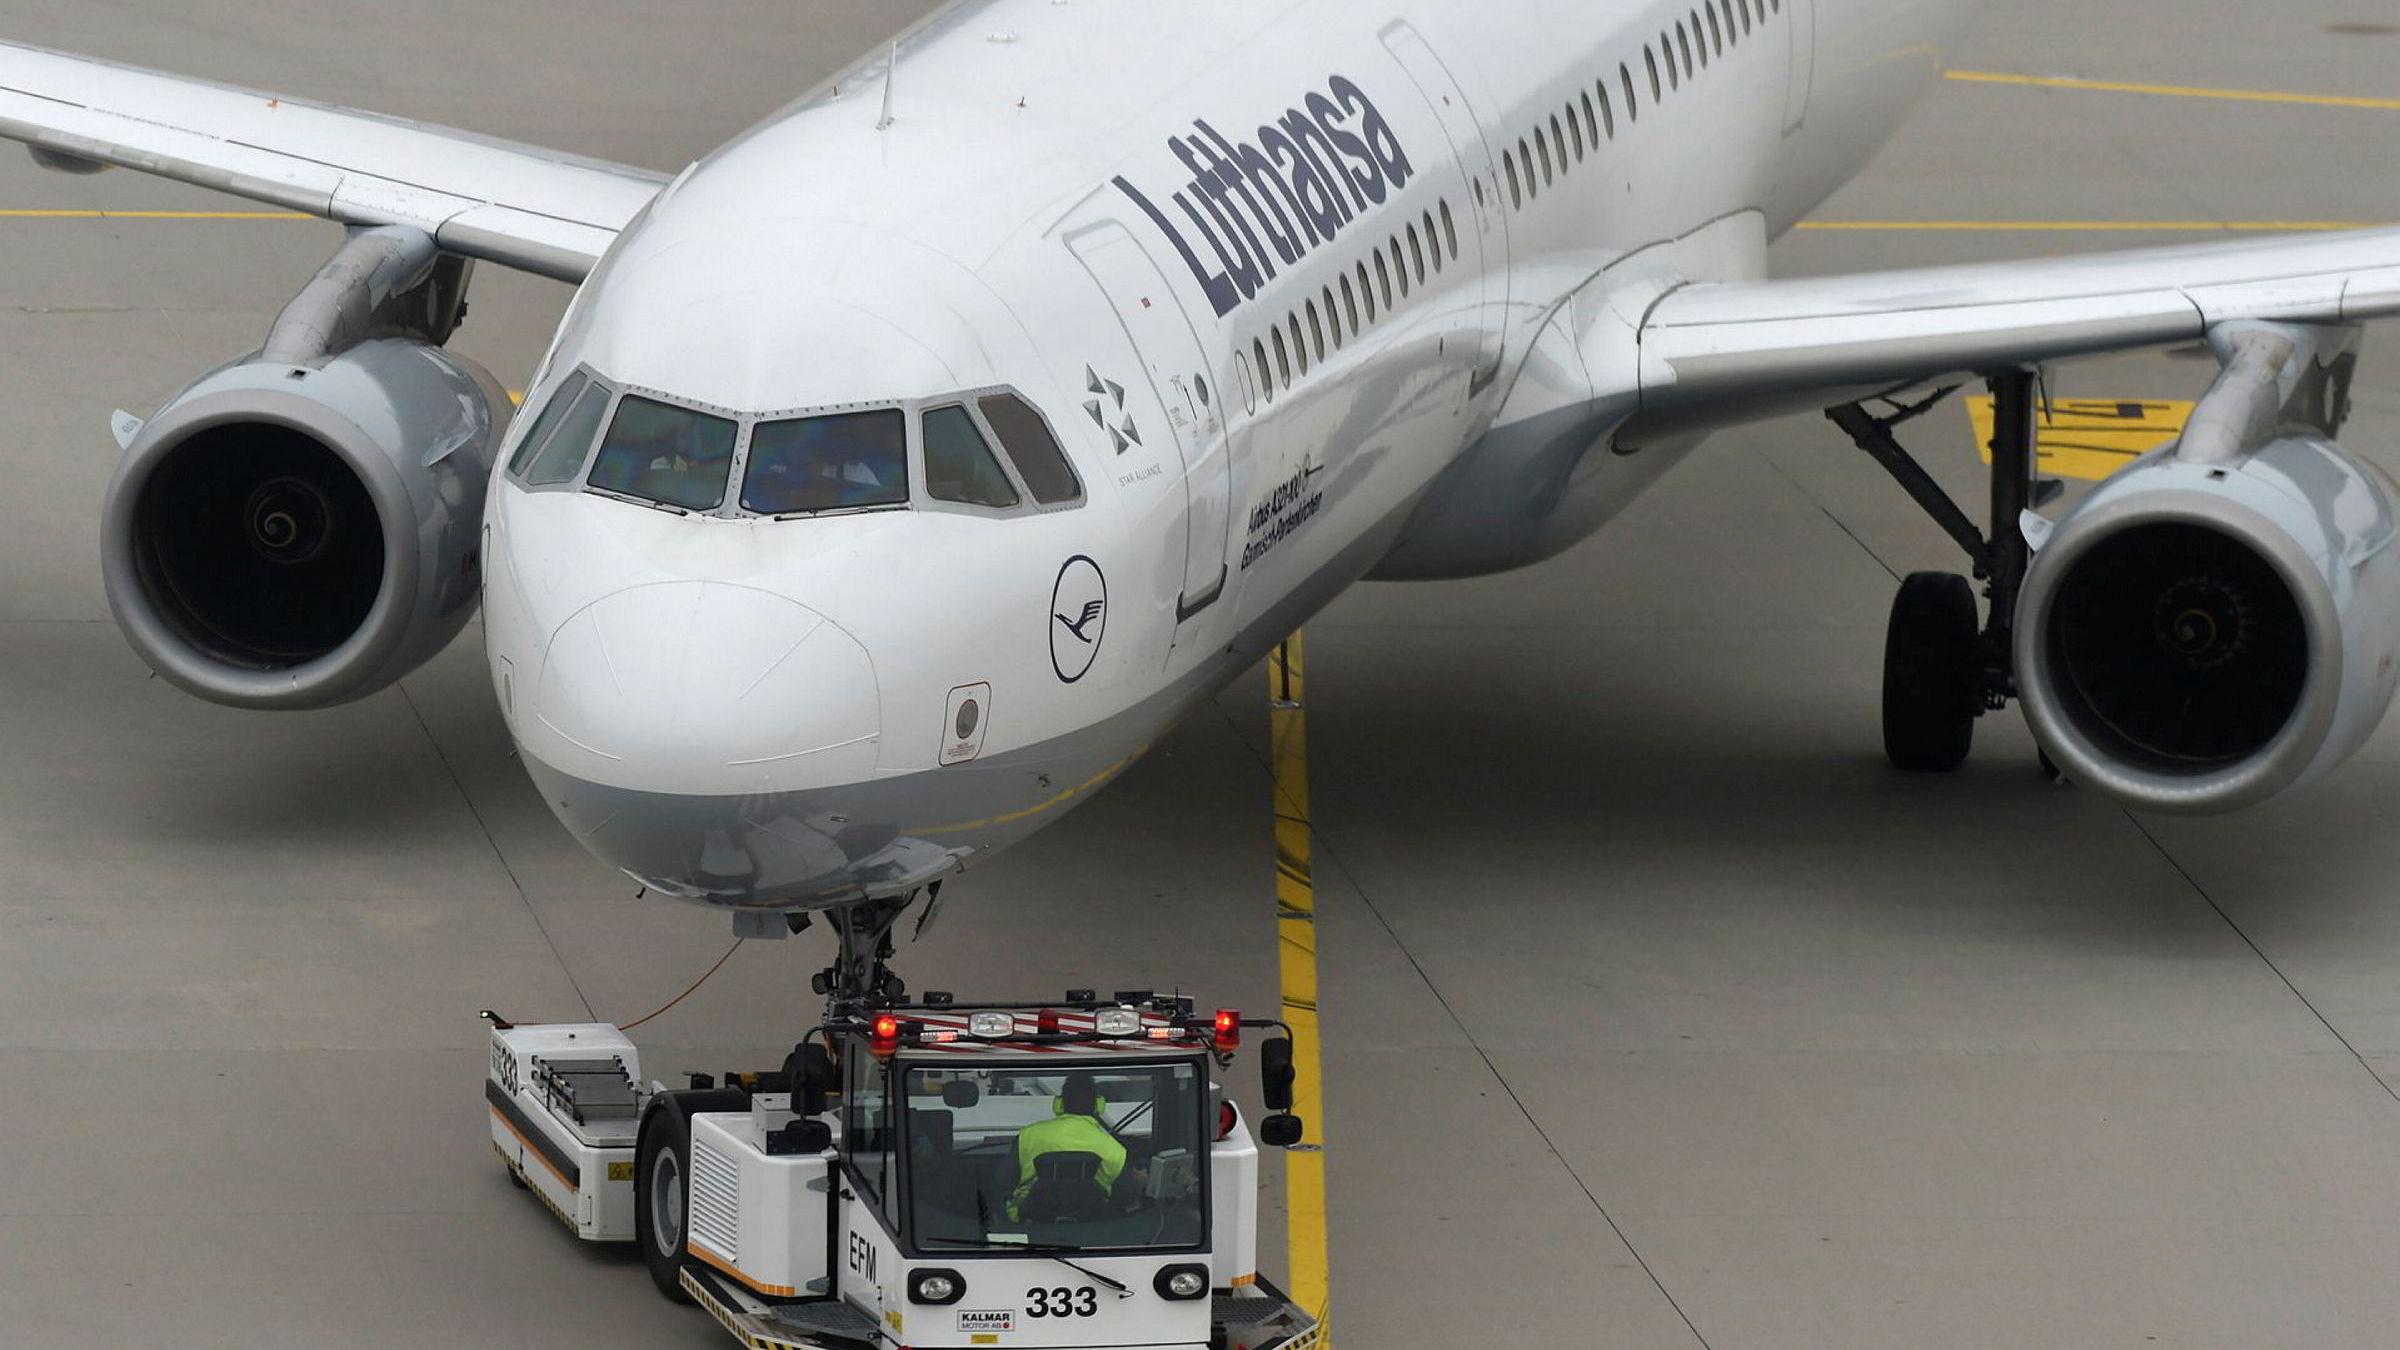 Et Lufthansa-fly blir bykset over tarmacen på Franz-Josef-Strauss- flyplassen i Munchen torsdag.